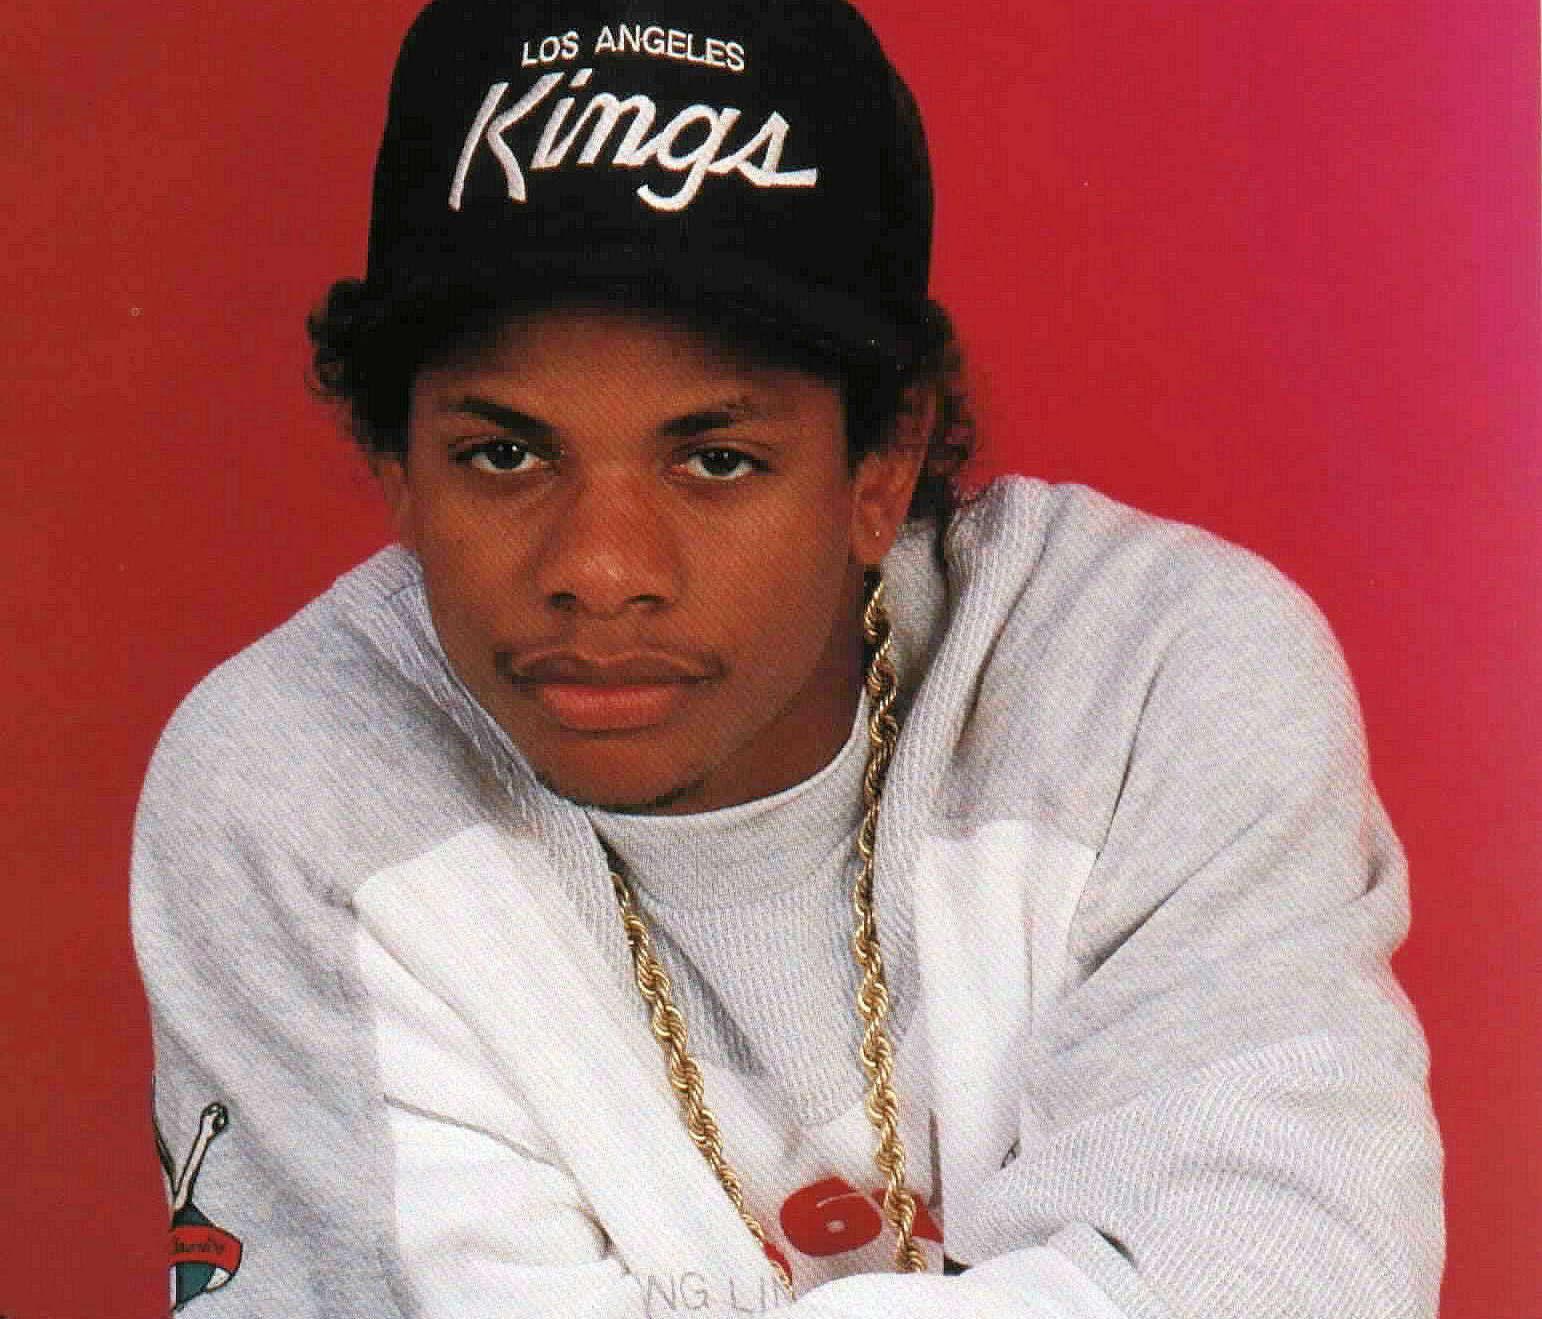 Eazy E nwa gangsta rapper rap hip hop eazy e sa wallpaper background 1542x1319